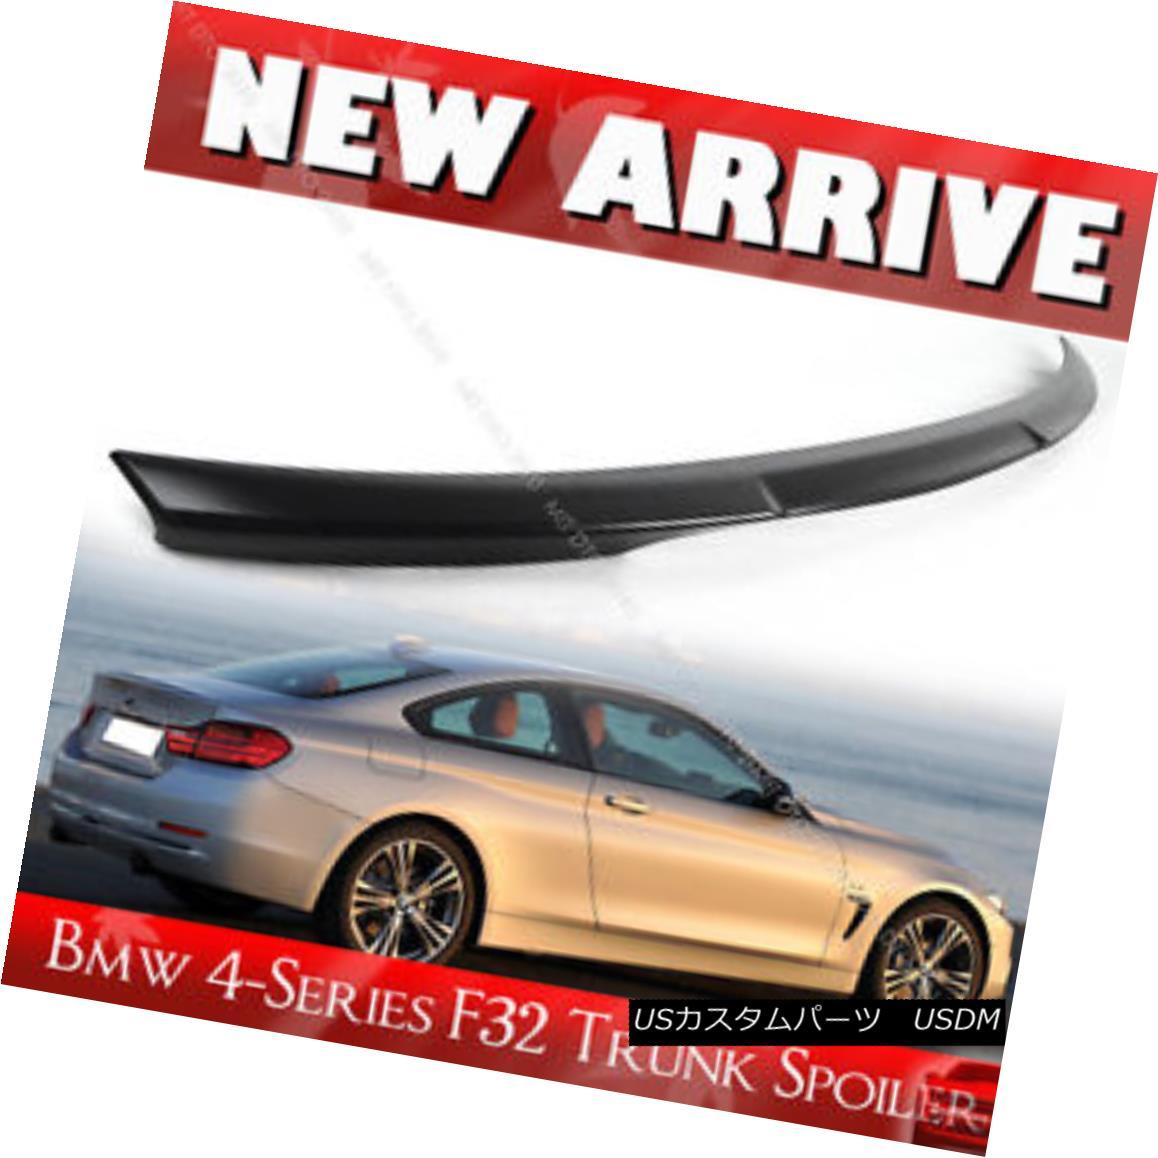 エアロパーツ SHIP FROM LA- BMW 4-Series F32 Coupe M4 Trunk Spoiler Unpaint 420i 428i 2017 船からLA-BMW 4シリーズF32クーペM4トランク・スポイラー未塗装420i 428i 2017